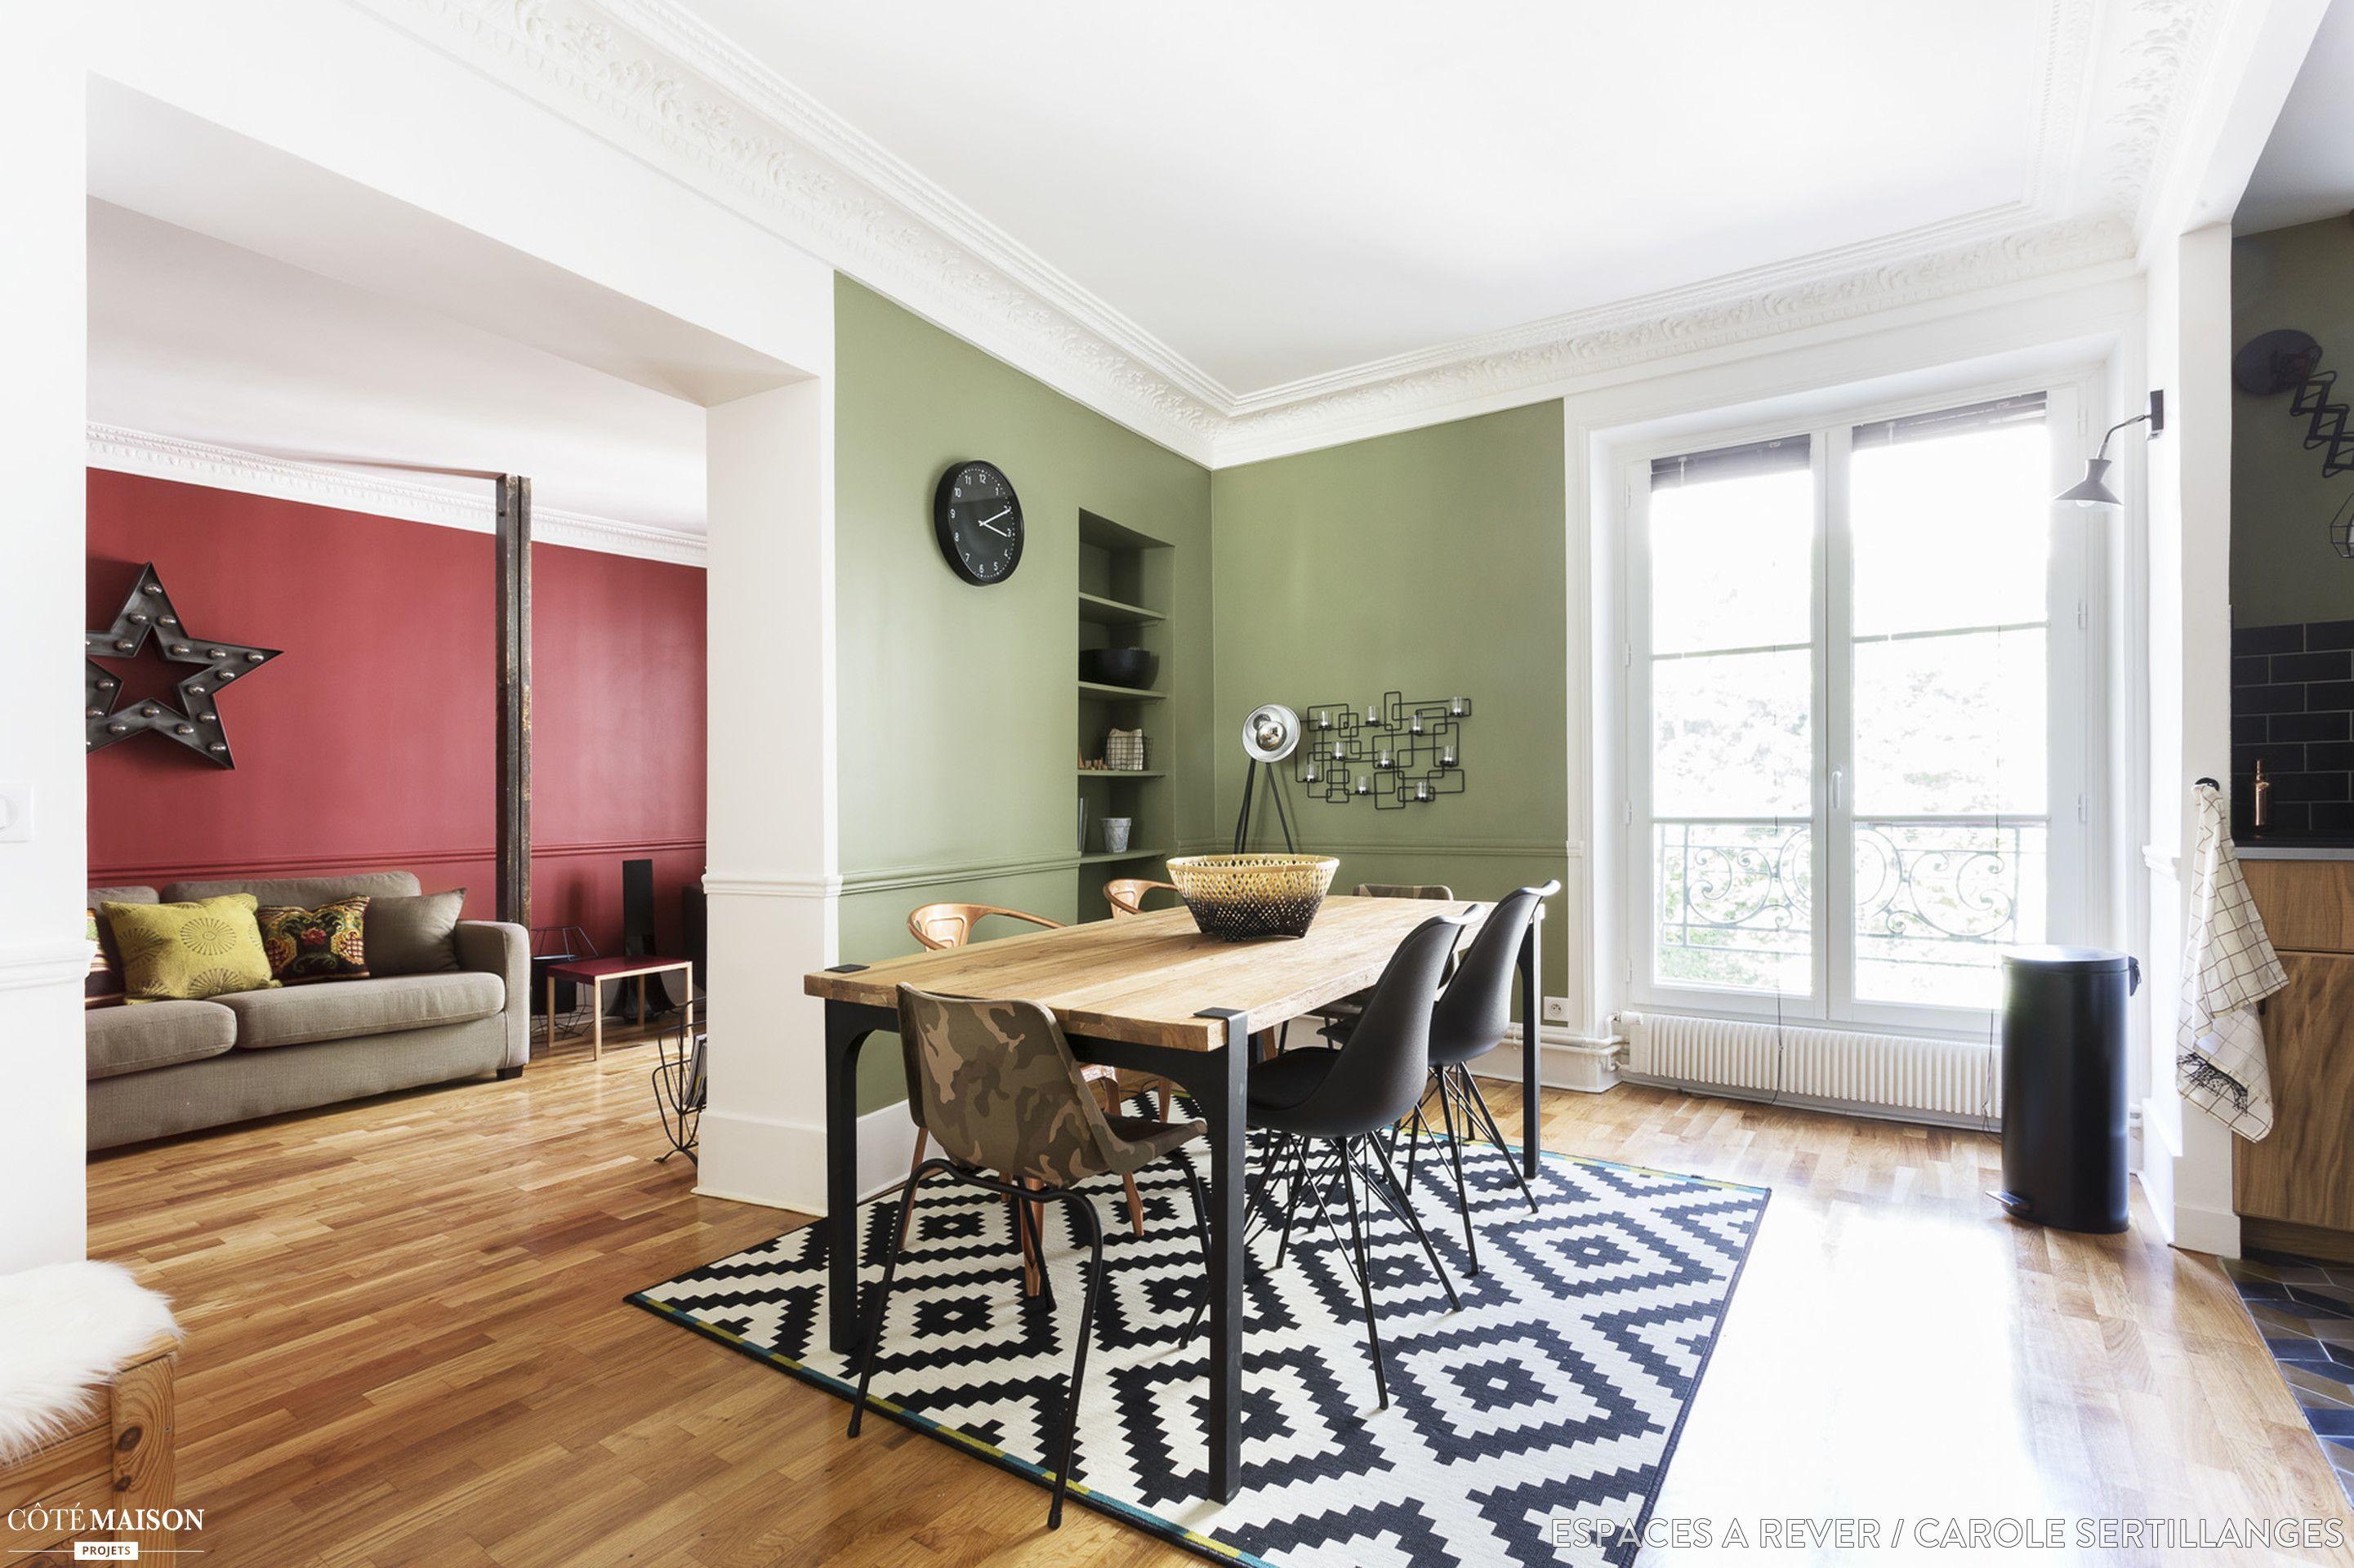 Appartement Haussmannien Industriel Chic Et Moderne M - Deco haussmannien moderne pour idees de deco de cuisine